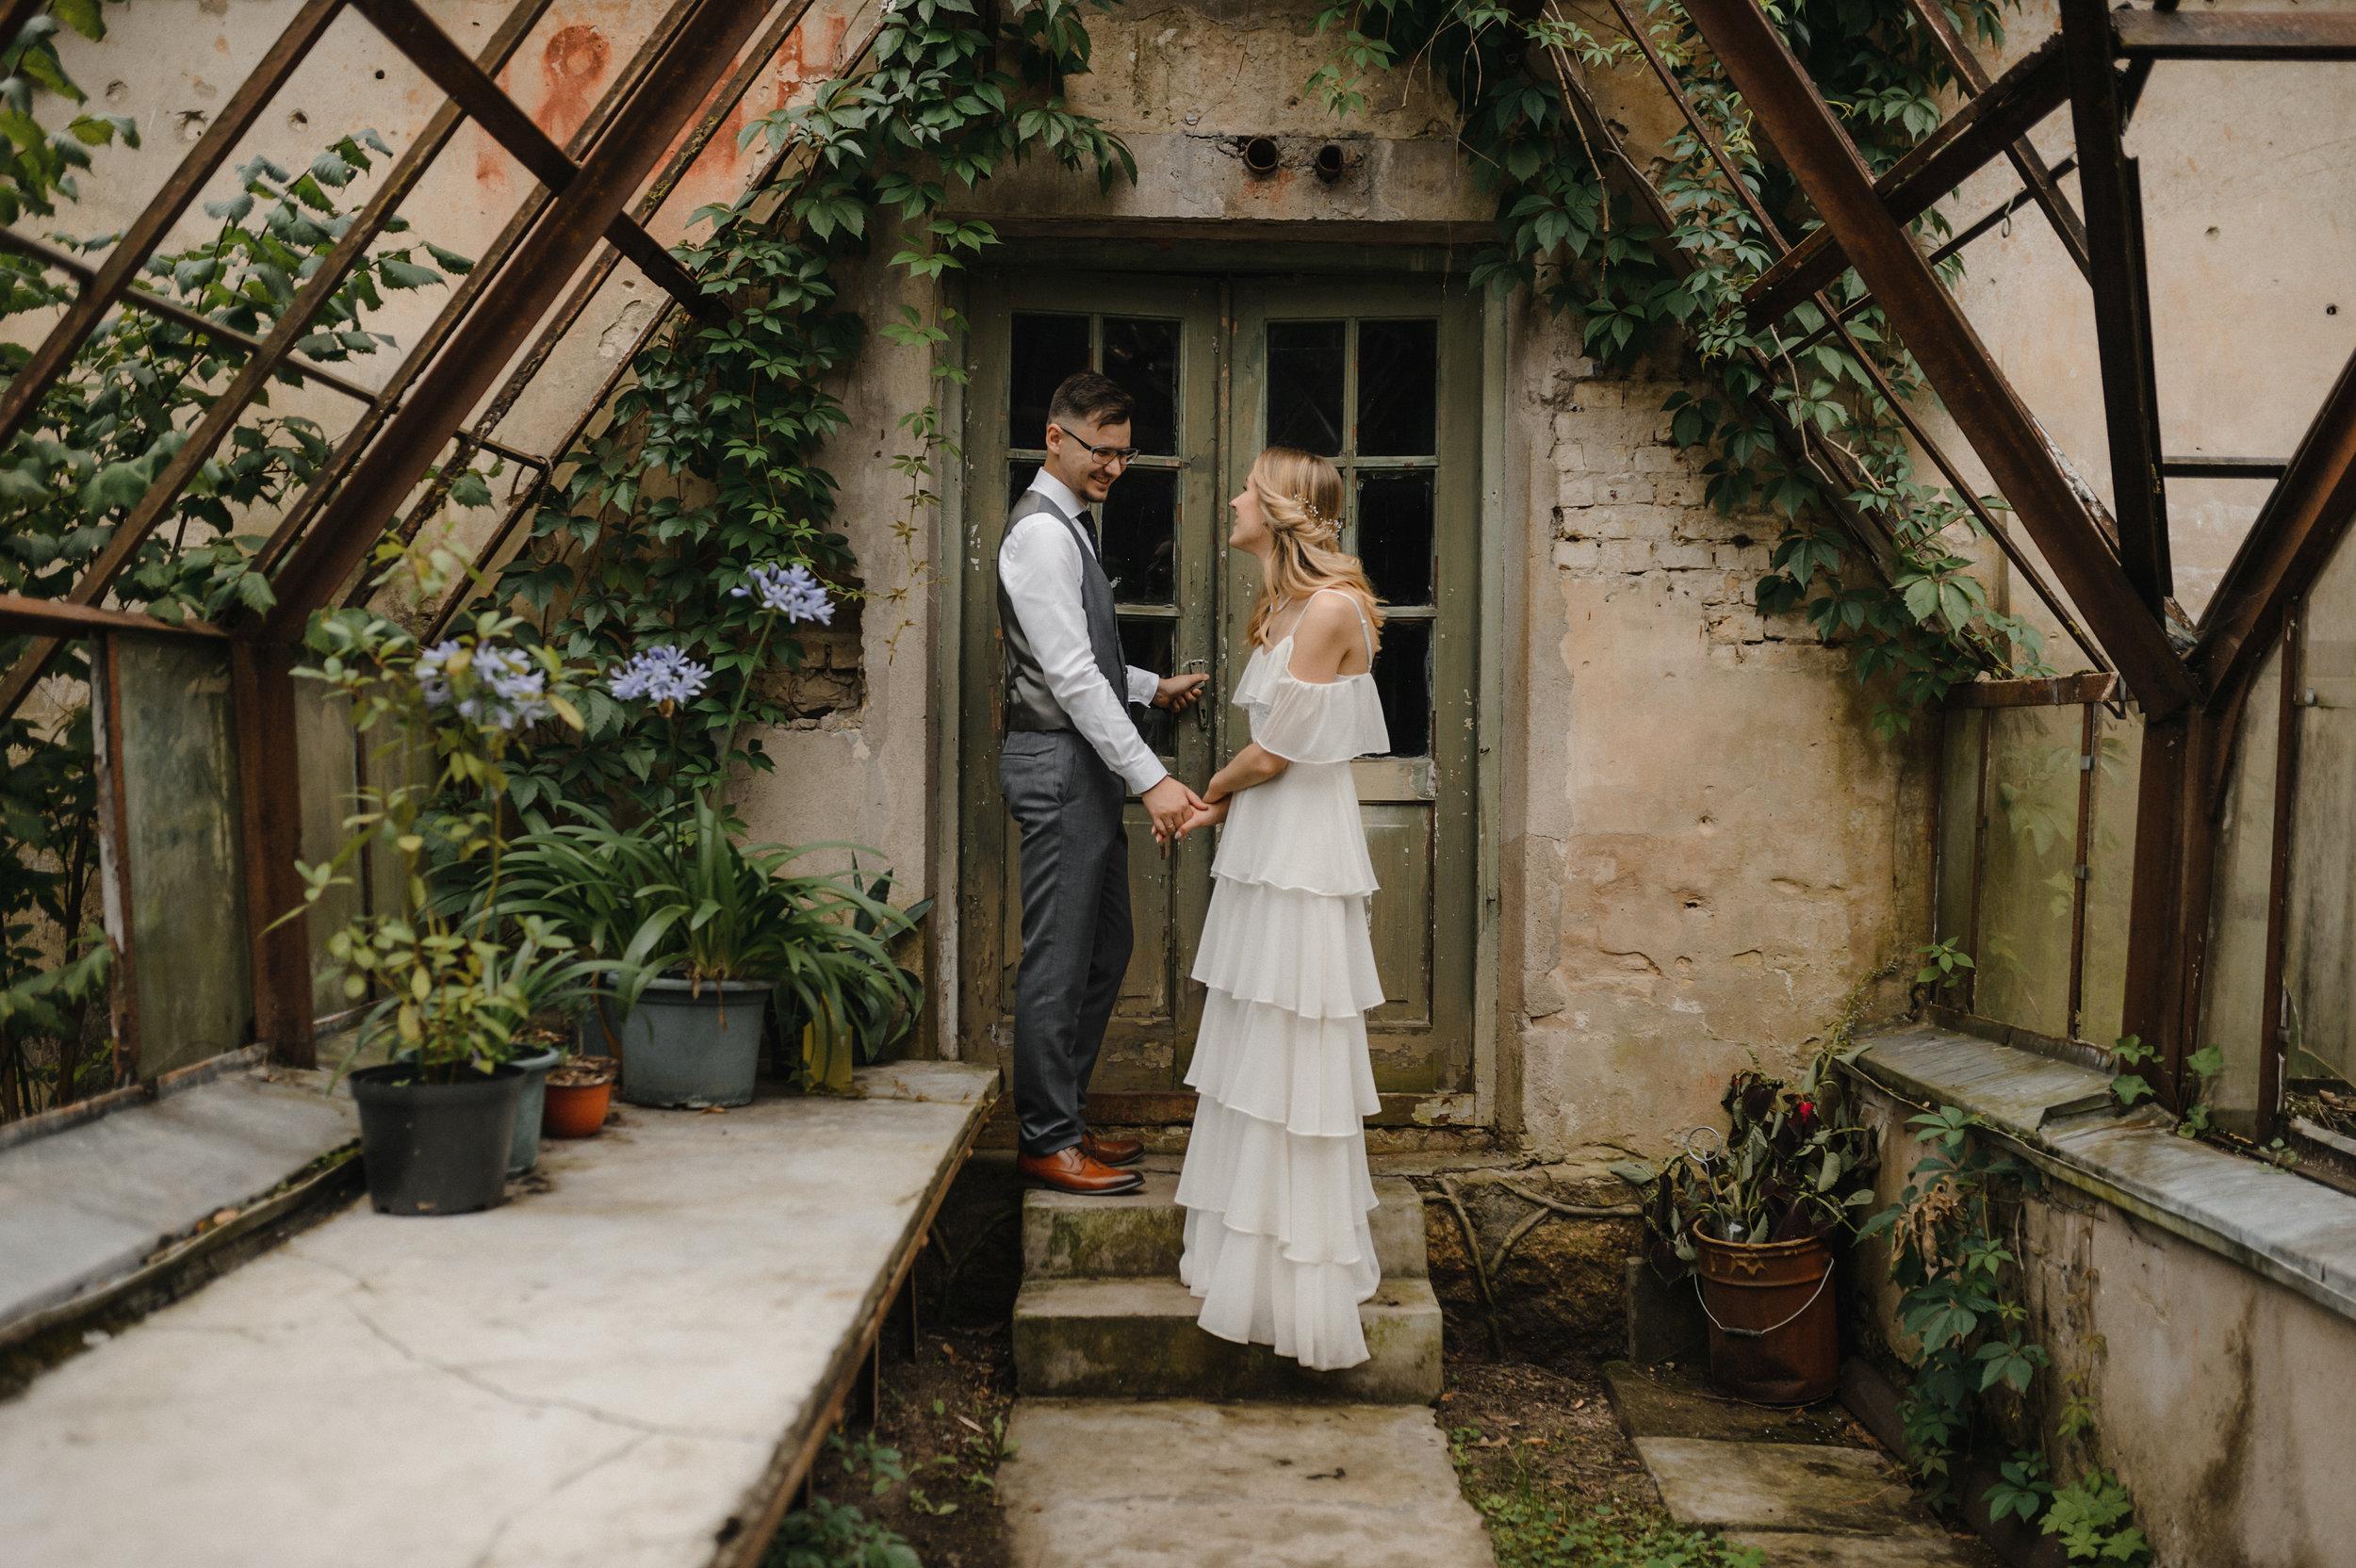 Vestuvės - Saulenė & Justas